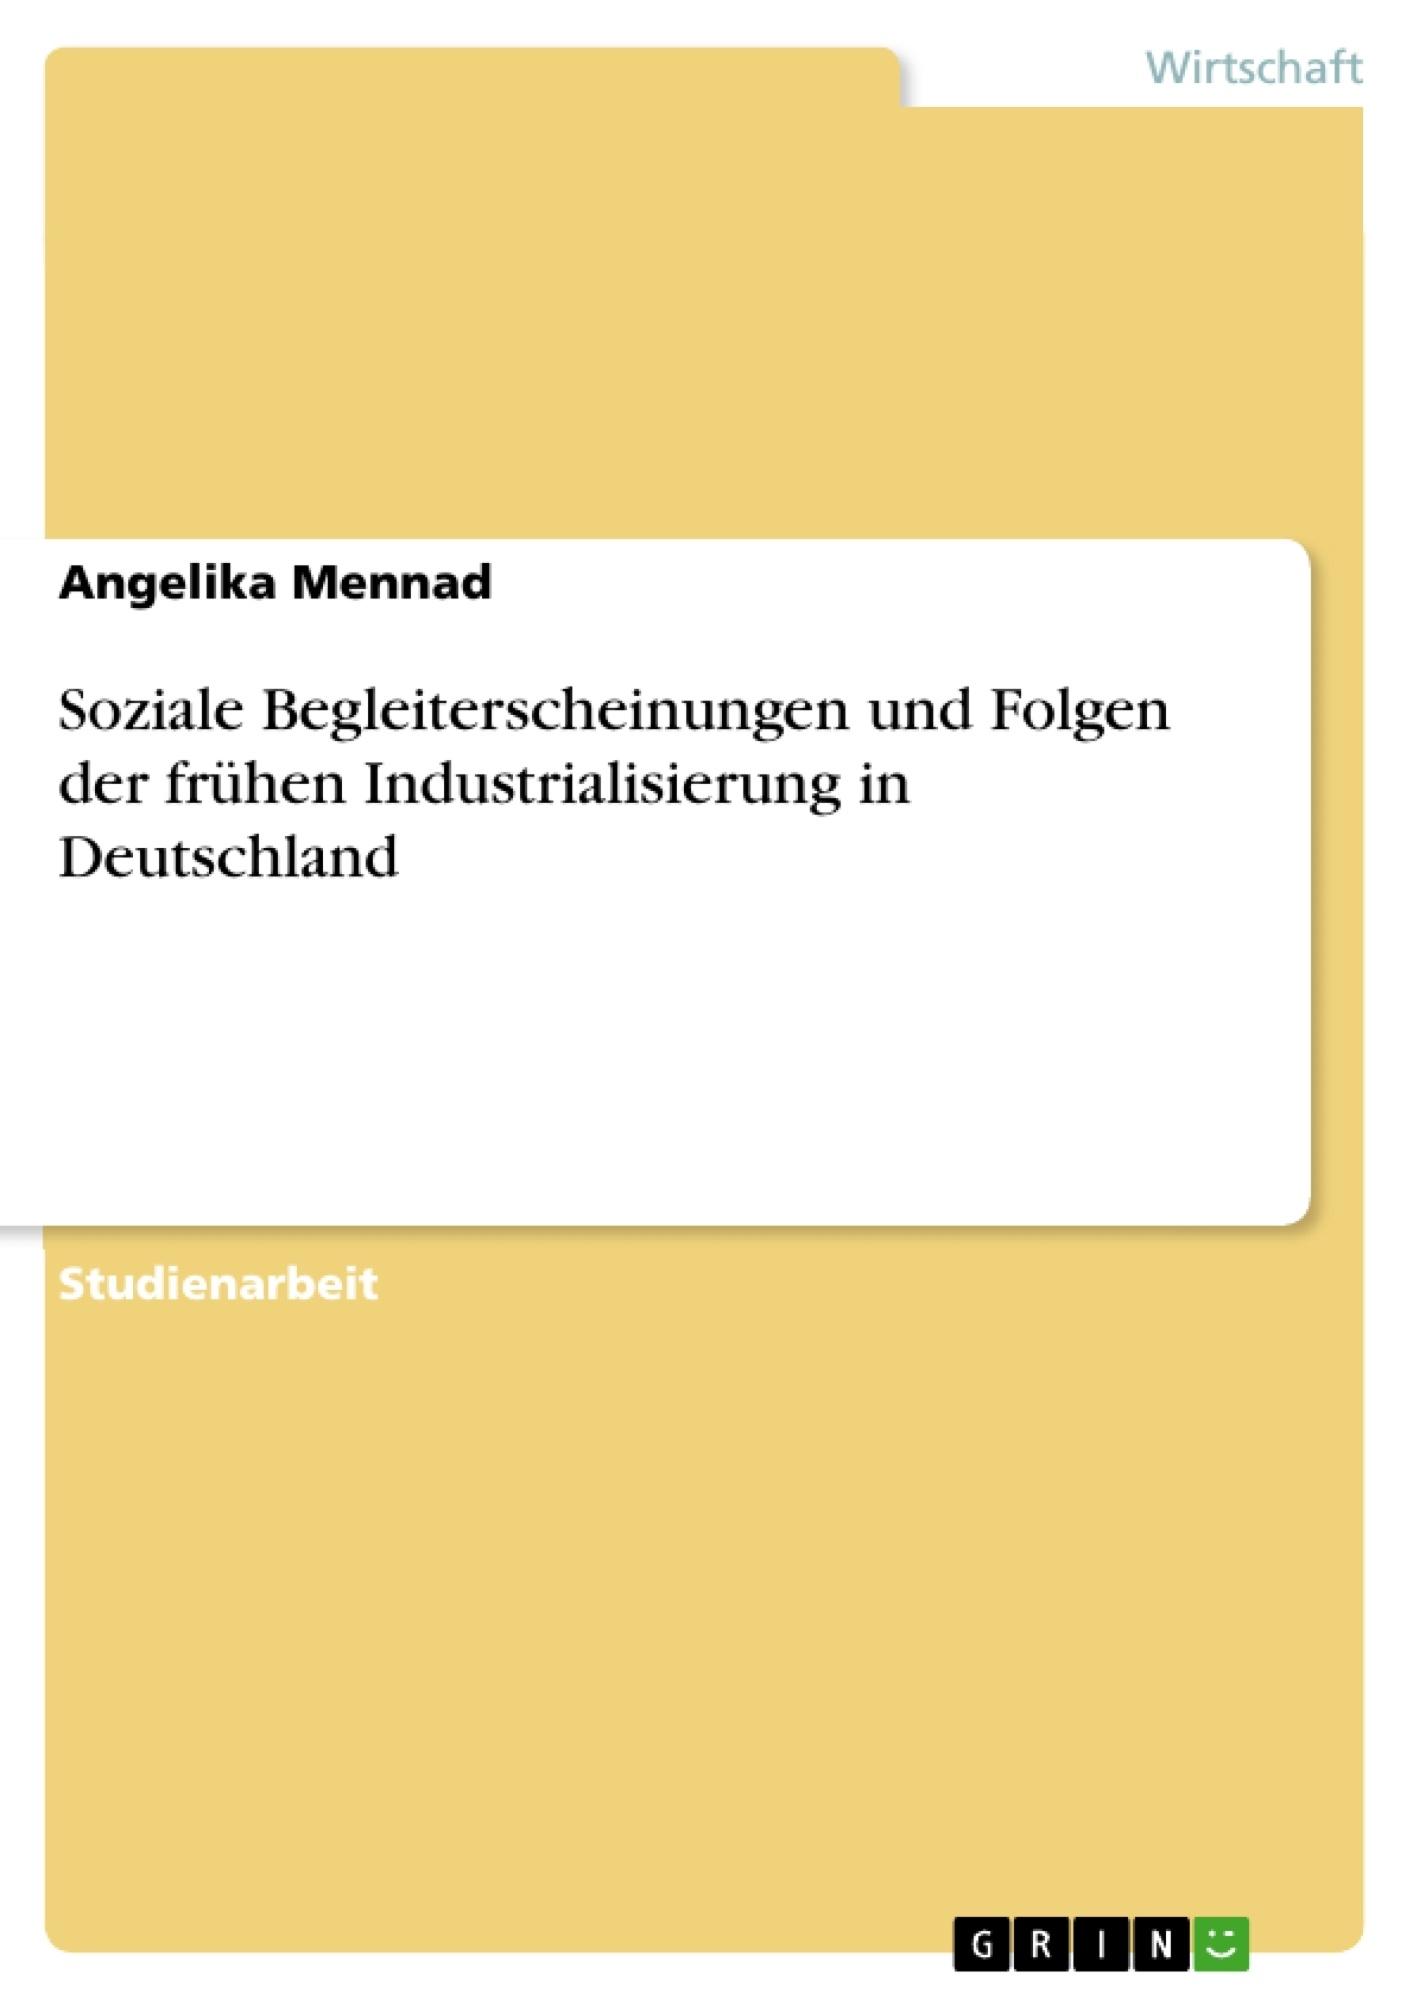 Titel: Soziale Begleiterscheinungen und Folgen der frühen Industrialisierung in Deutschland